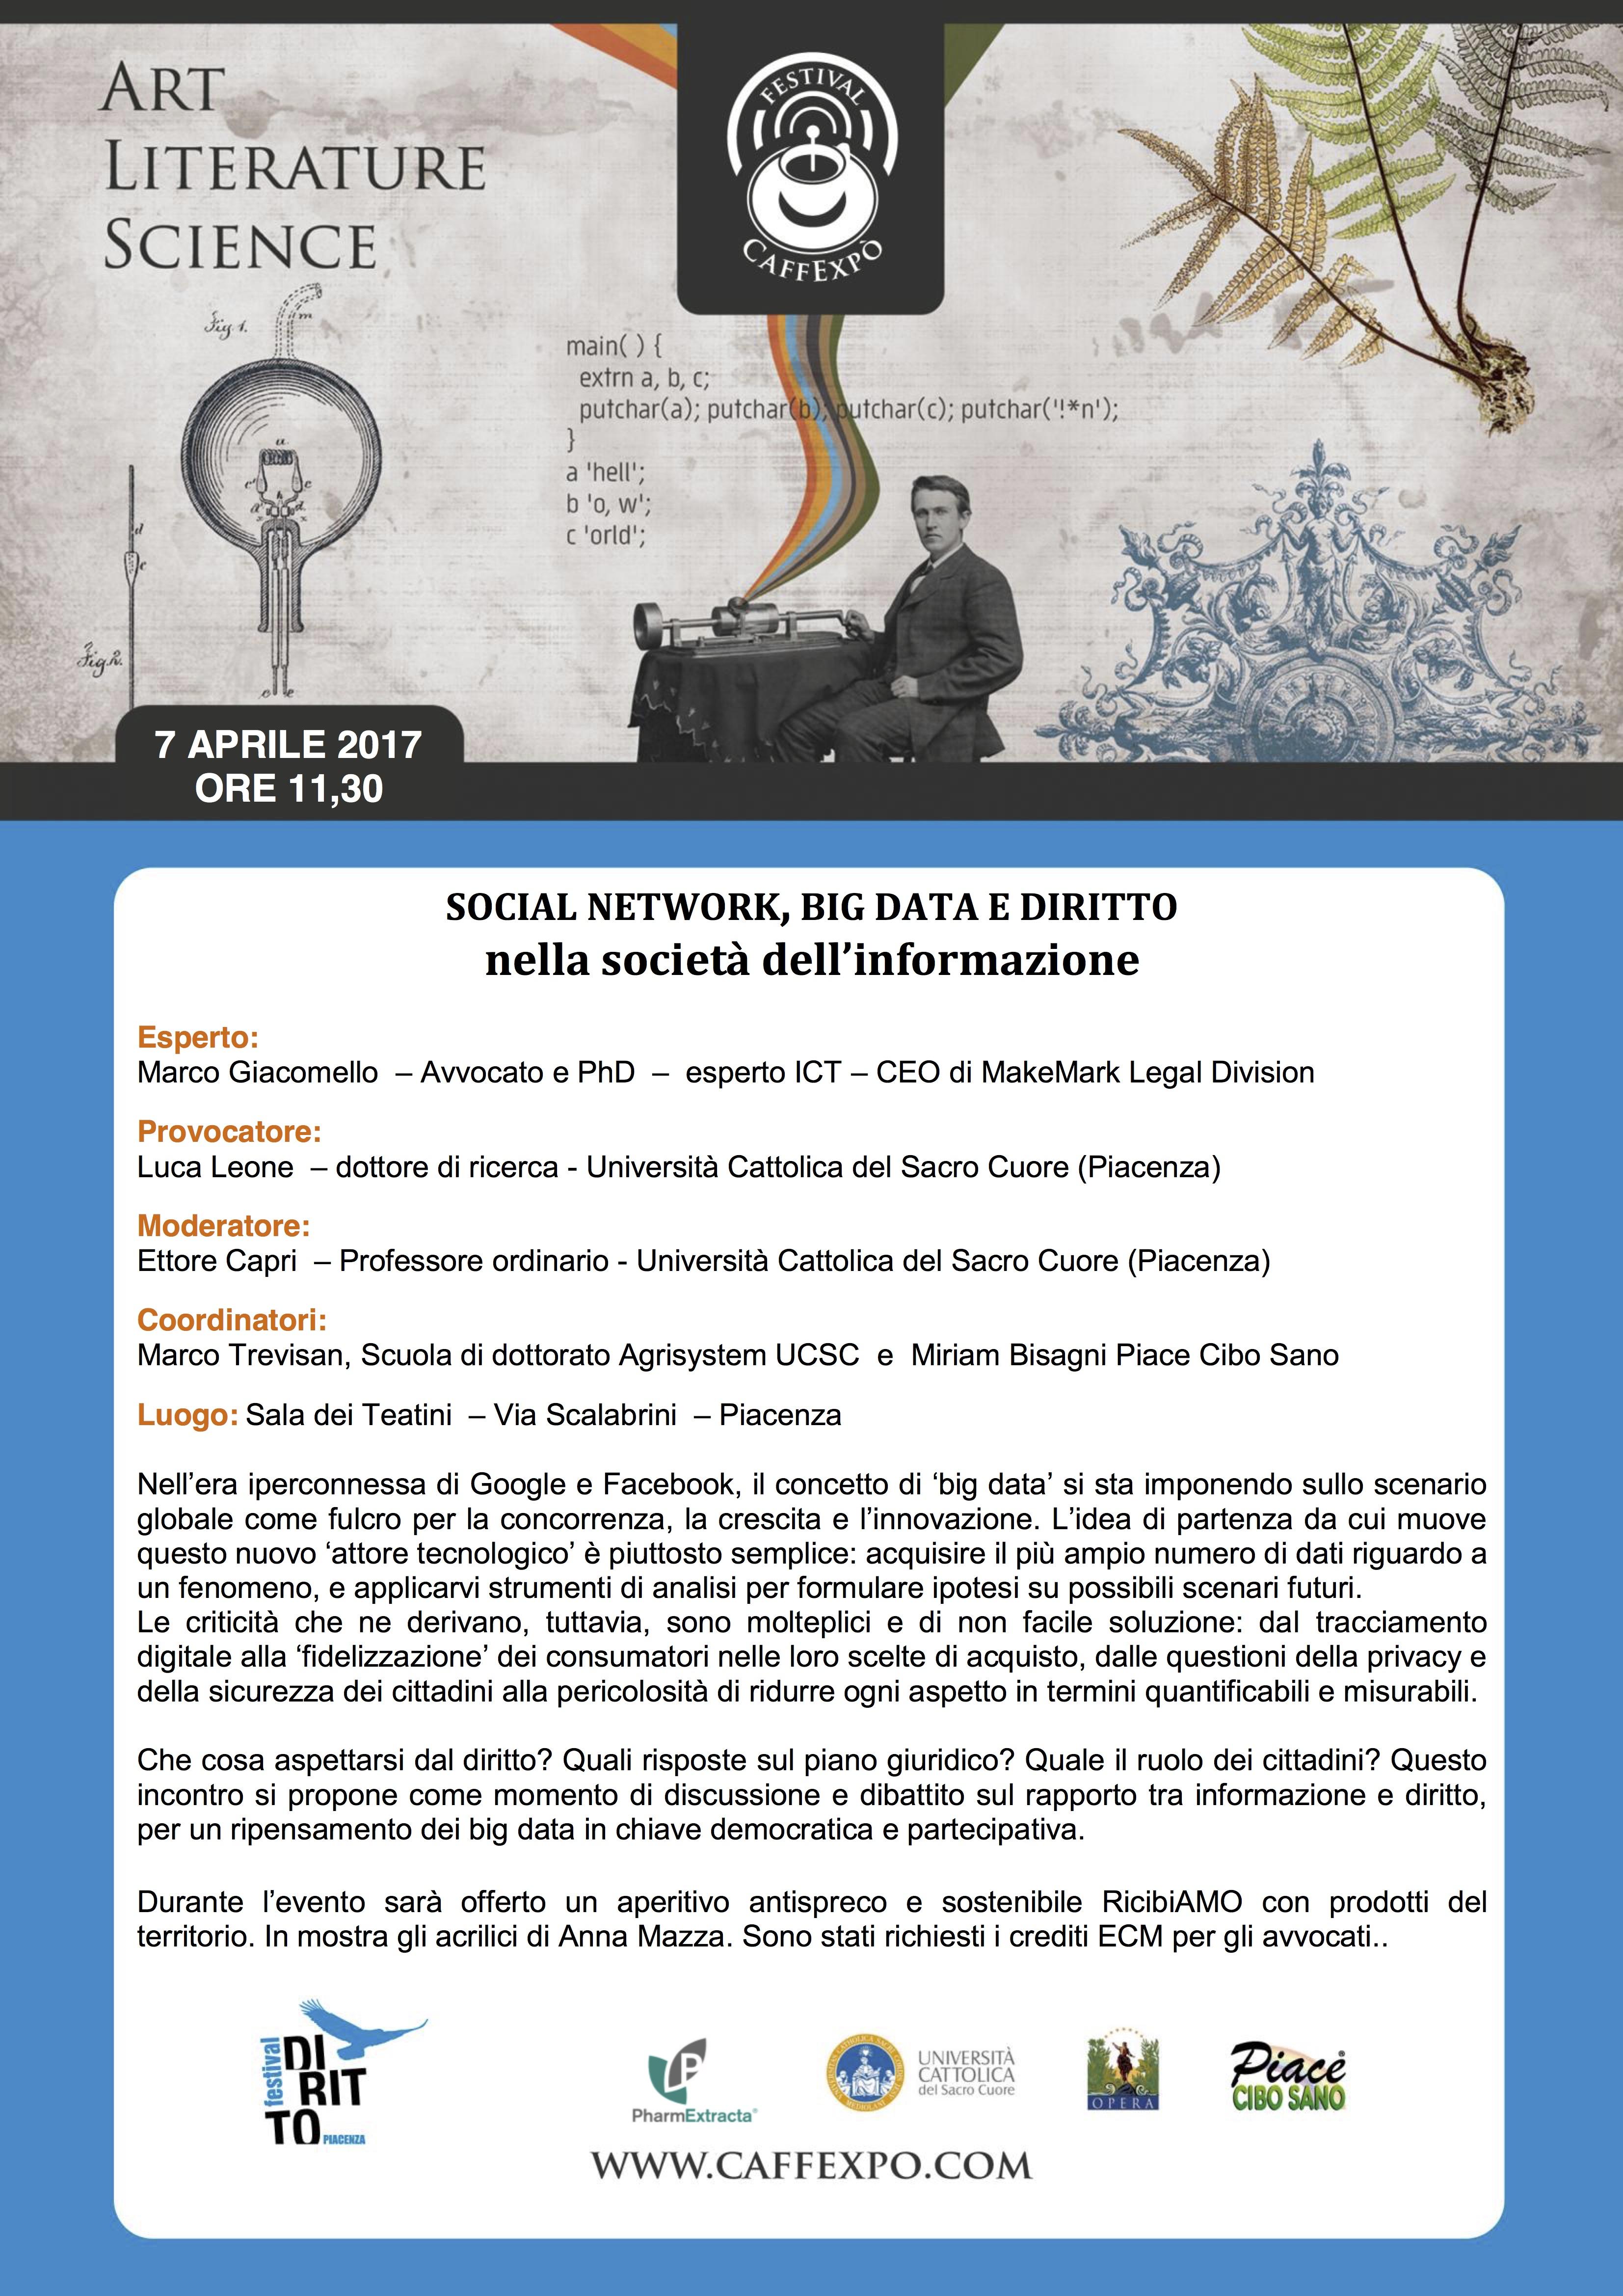 CaffExpo Big Data, Social Network e Diritto nella società dell'informazione